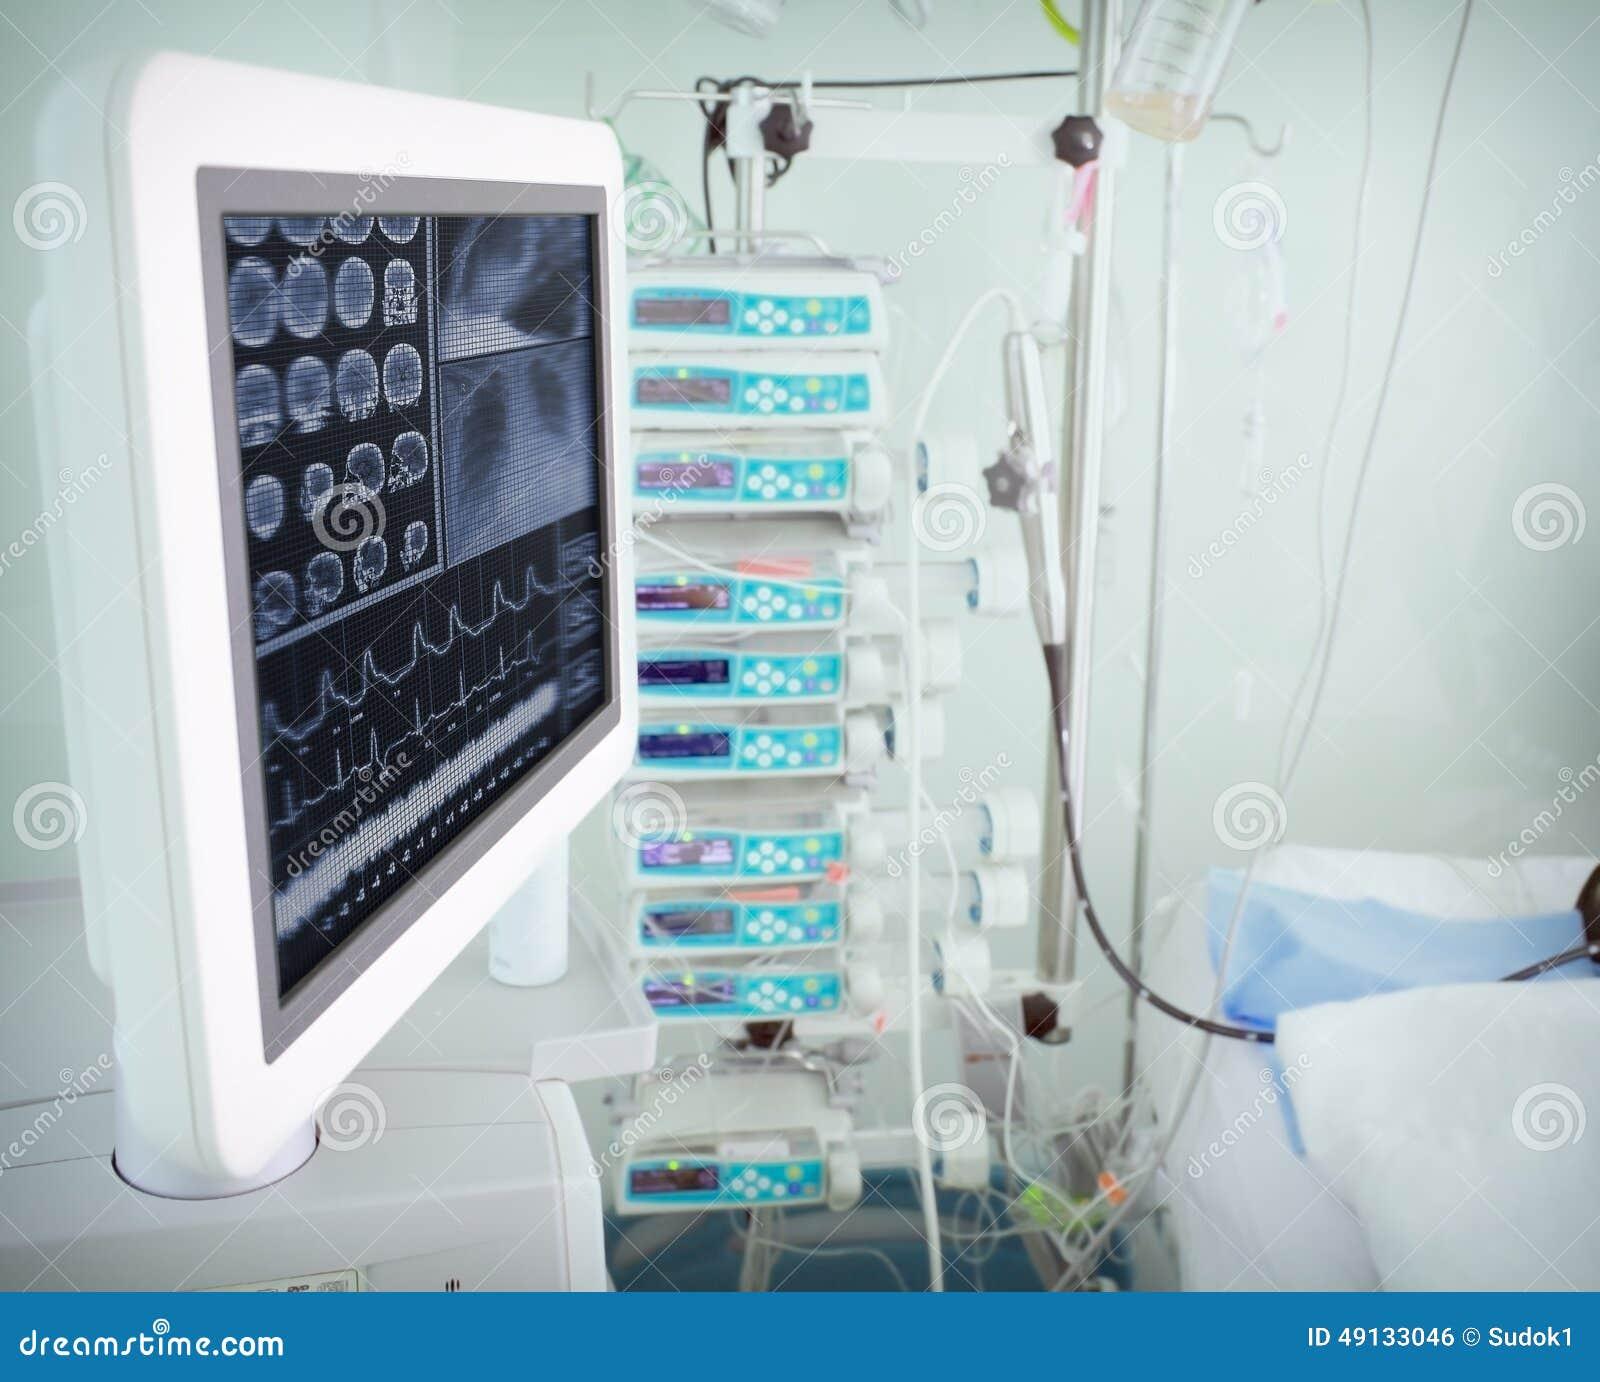 dispositif moderne d ordinateur dans une chambre d hpital - Hapital Moderne